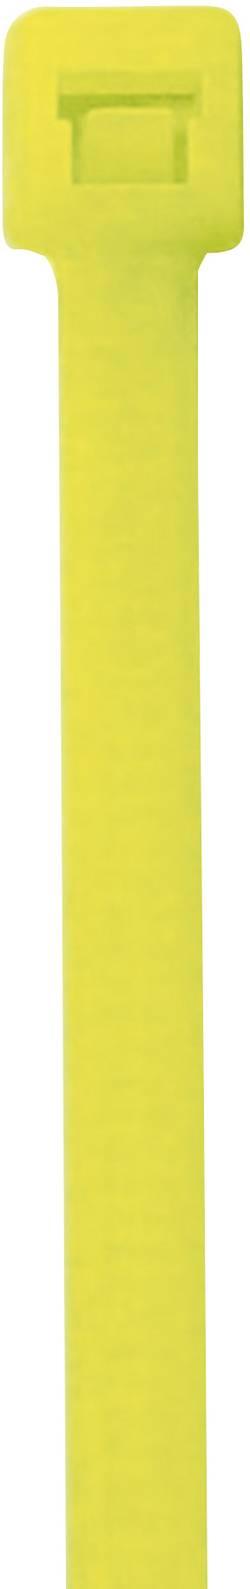 Fluorecentní stahovací pásek PB Fastener, 285 x 4,6 mm, 50 ks, růžová